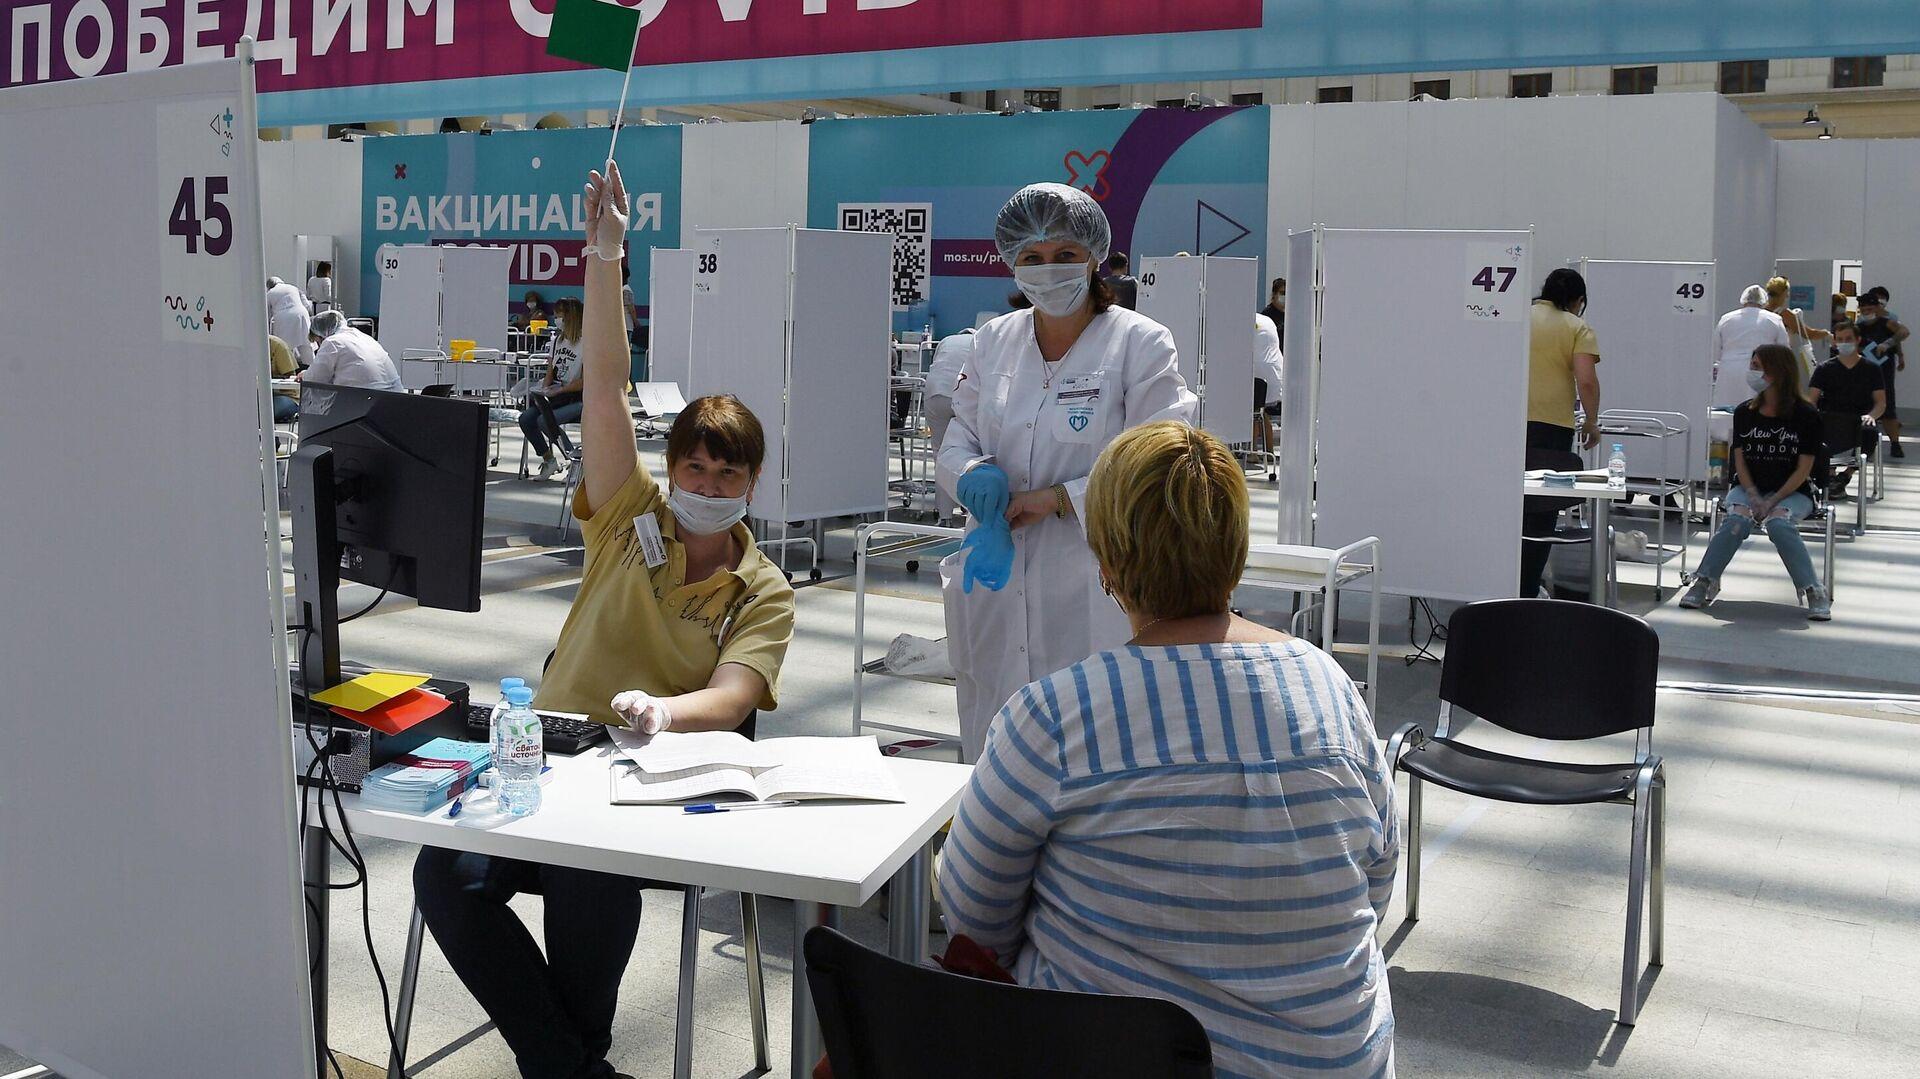 Посетители и медицинские сотрудники в центре вакцинации от COVID-19 в Гостином дворе в Москве - РИА Новости, 1920, 20.07.2021